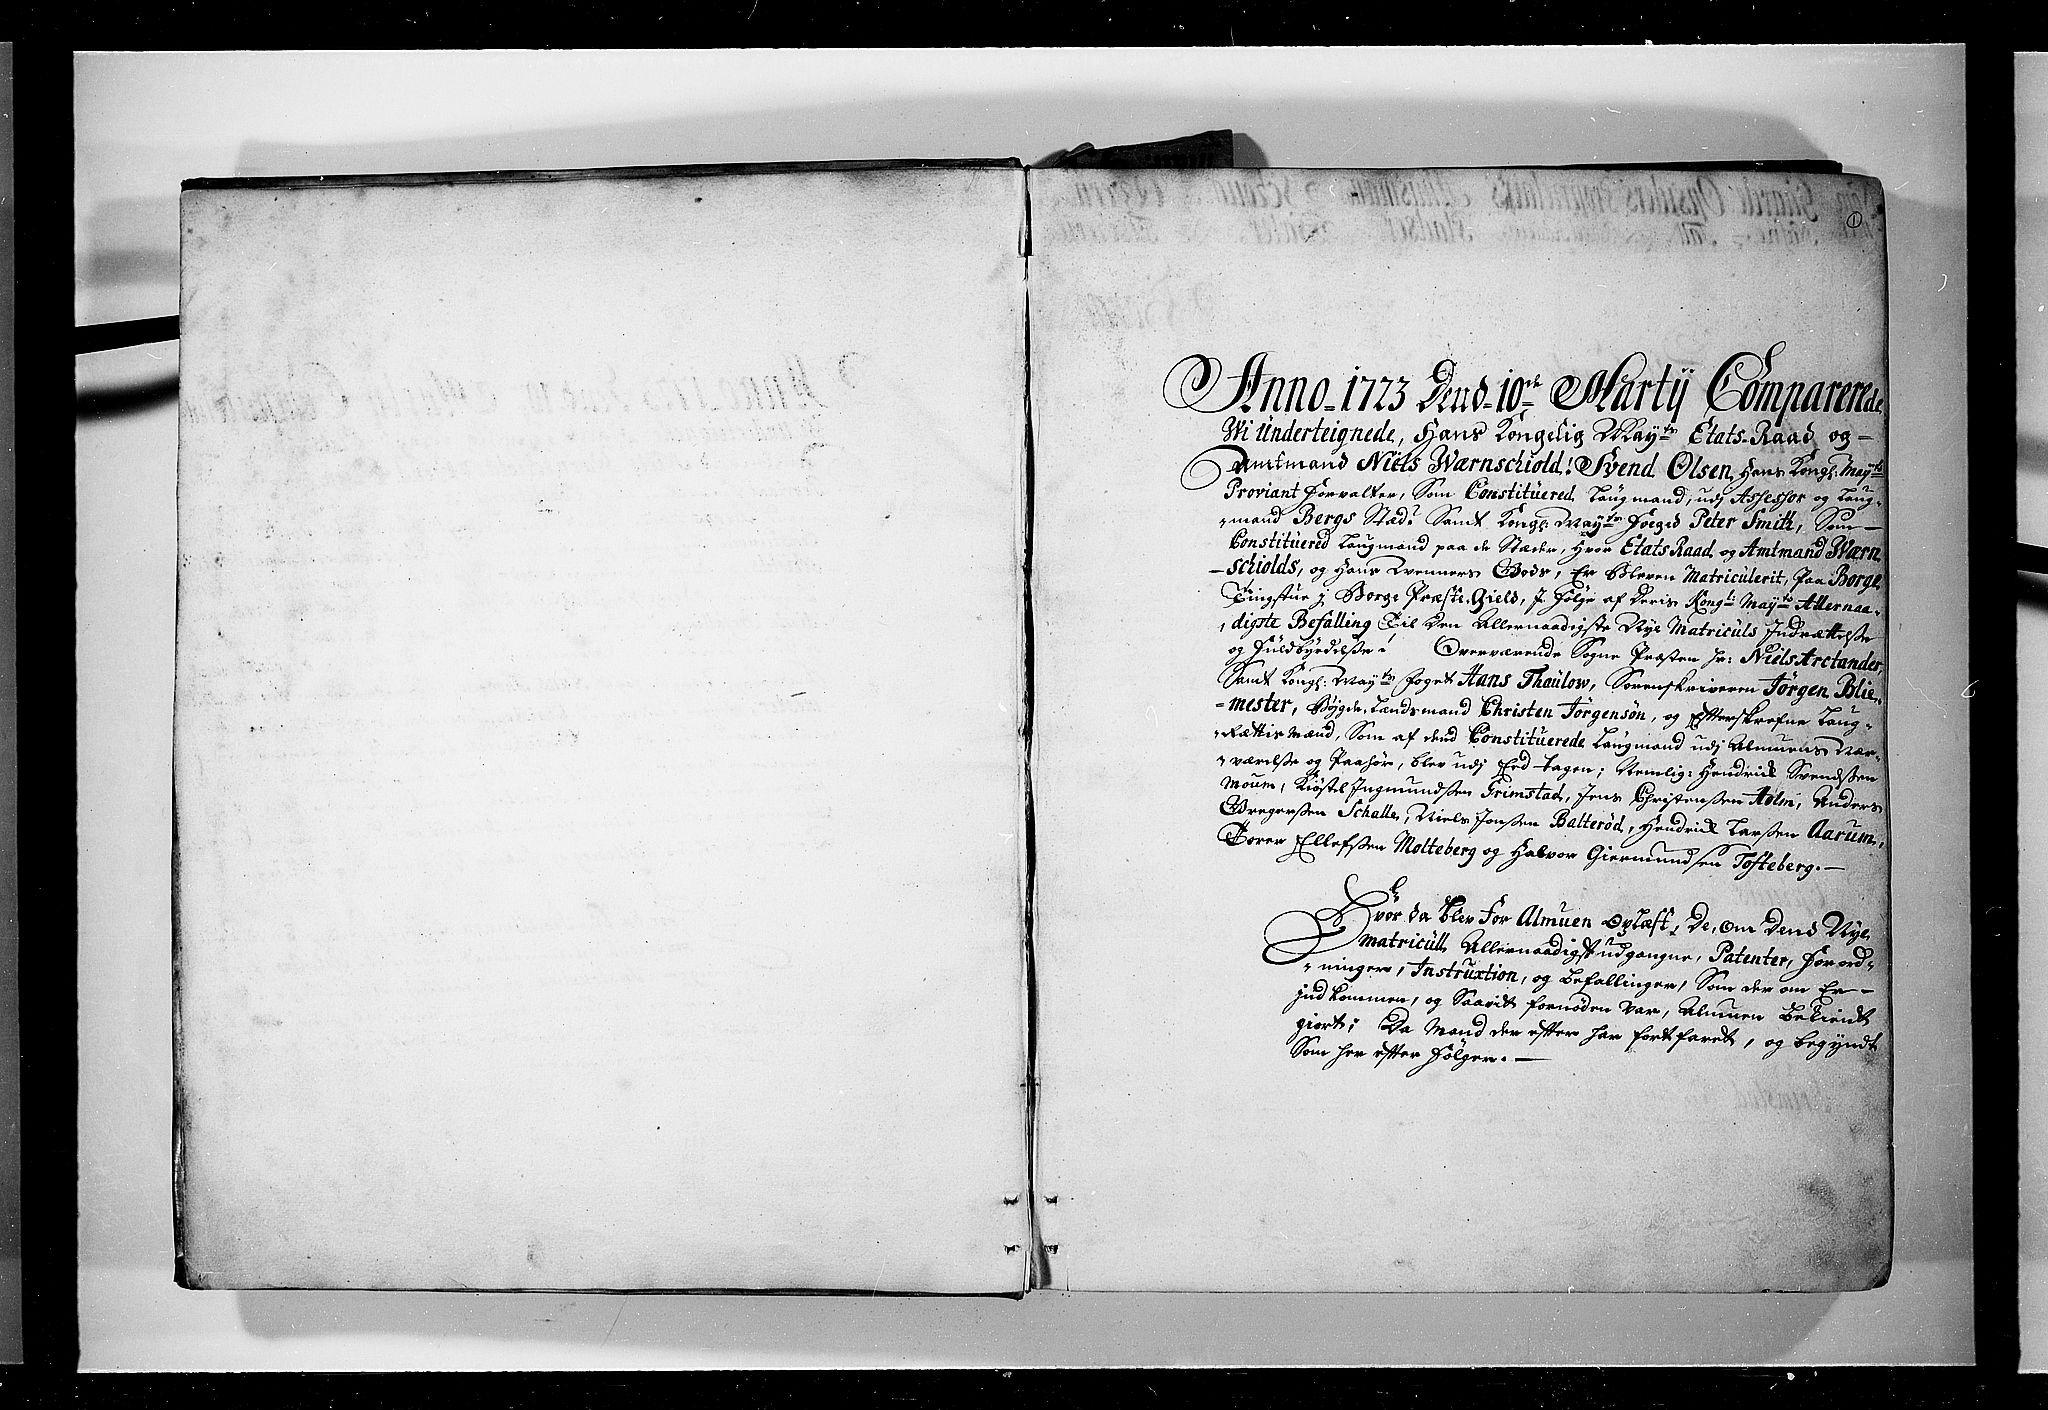 RA, Rentekammeret inntil 1814, Realistisk ordnet avdeling, N/Nb/Nbf/L0095: Moss, Onsøy, Tune og Veme eksaminasjonsprotokoll, 1723, s. 1a